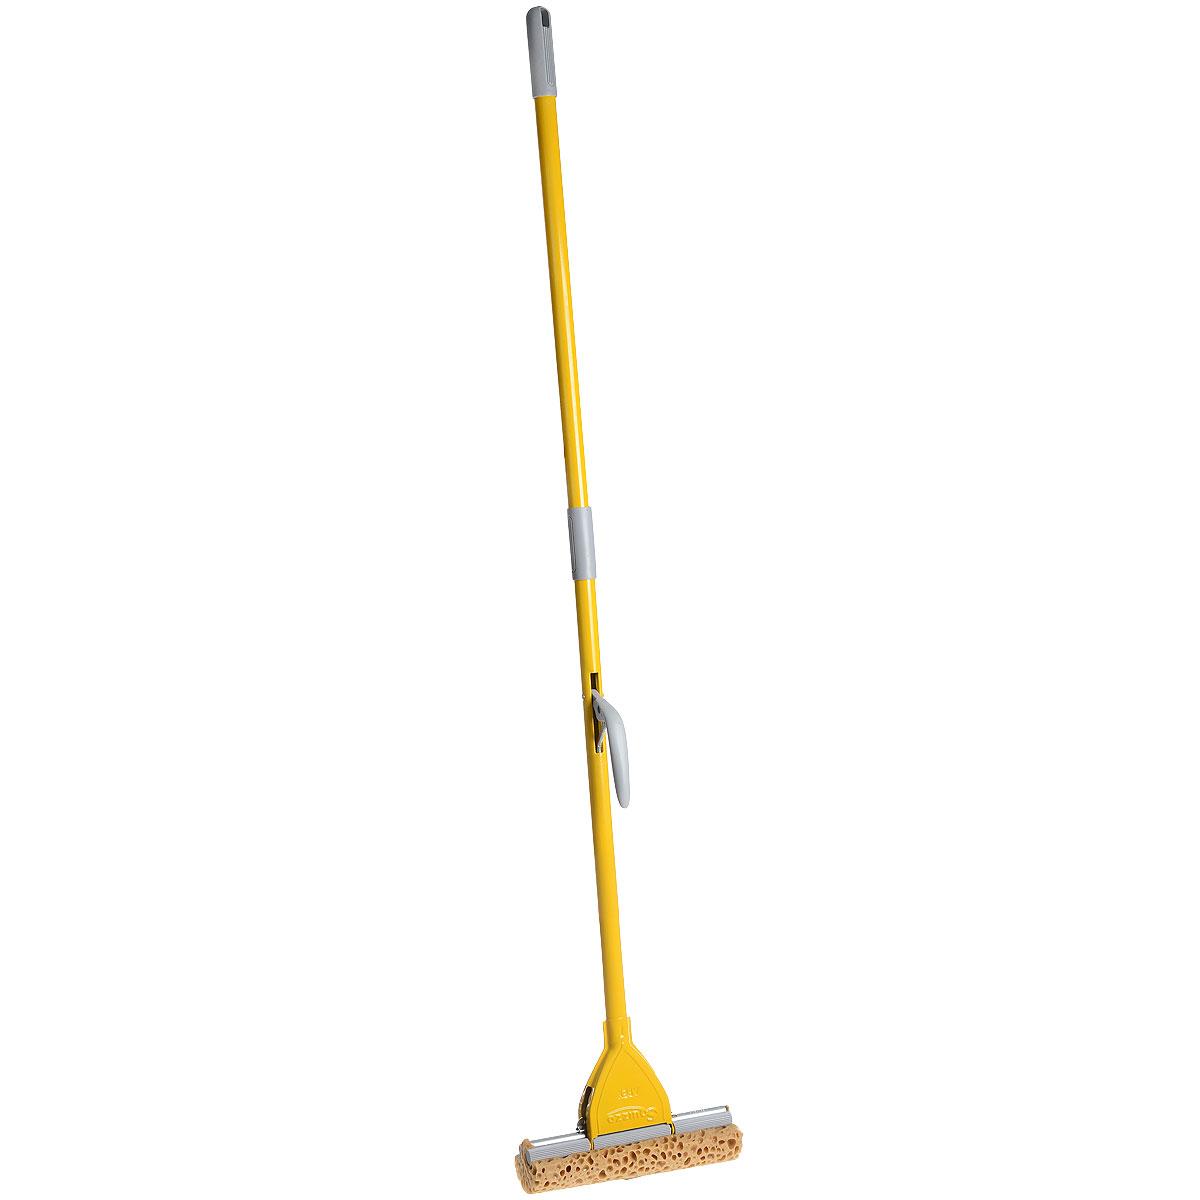 Швабра Apex Minor, с отжимом, цвет: желтый, серый, 25 смCLP446Швабра Apex Minor предназначена для уборки в доме.Насадка, изготовленная из поролона, крепится к стальной трубке. Насадка имеет специальную форму, которая позволяет легко и качественно мыть полы.Специальная система отжима позволяет отжимать воду более эффективно, чем вручную.Ширина рабочей поверхности: 25 см.Длина ручки: 130 см.